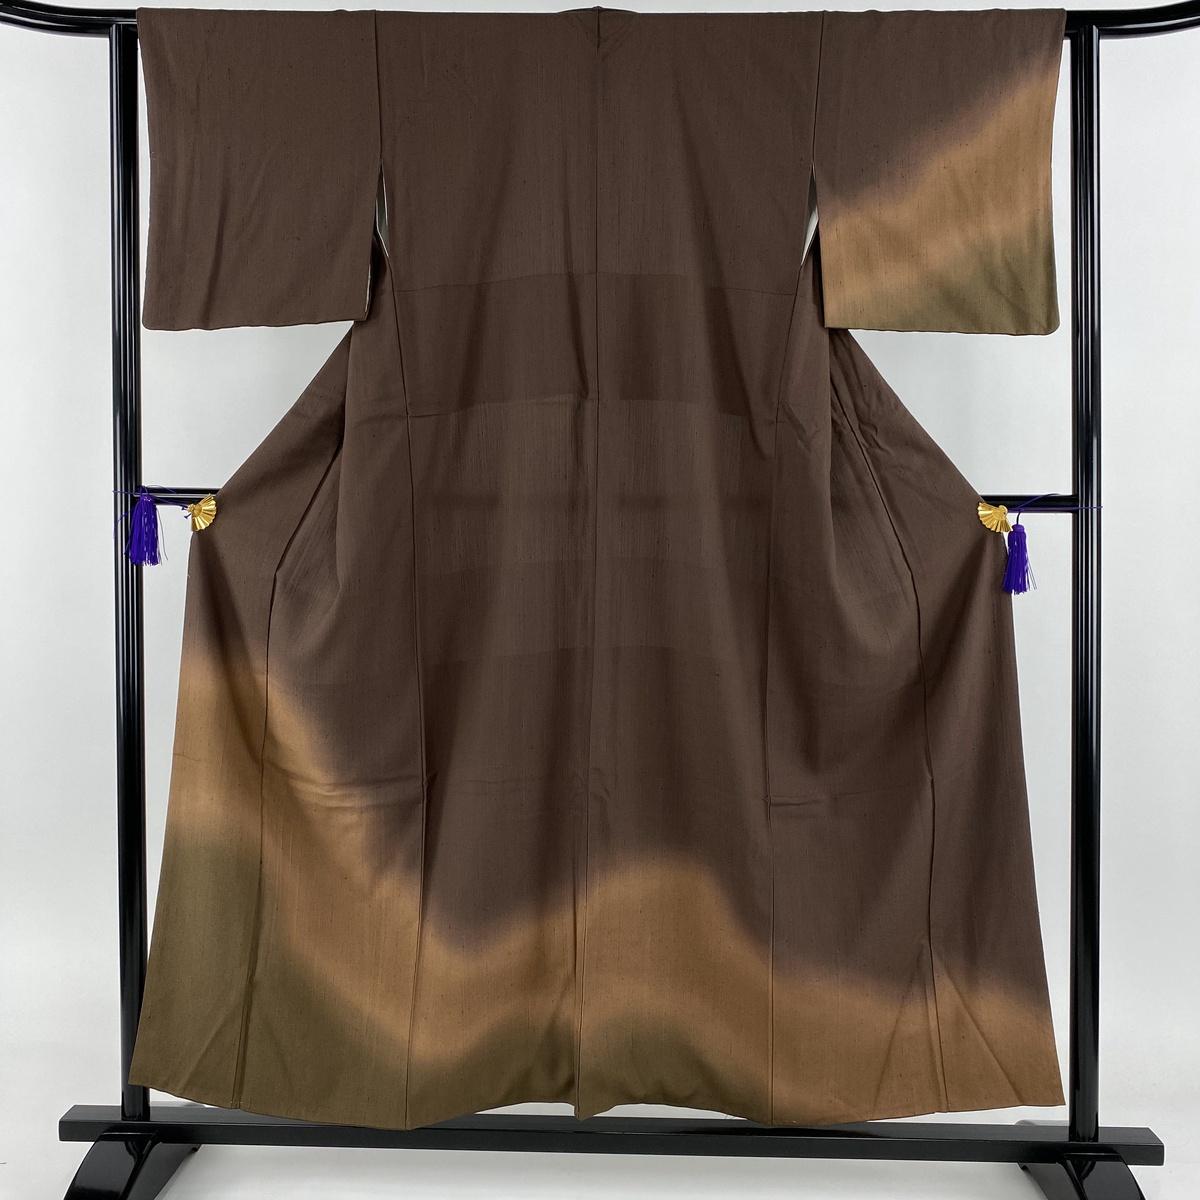 付下げ 美品 秀品 紬地 ぼかし 焦茶色 袷 身丈154cm 裄丈62cm S 正絹 【中古】